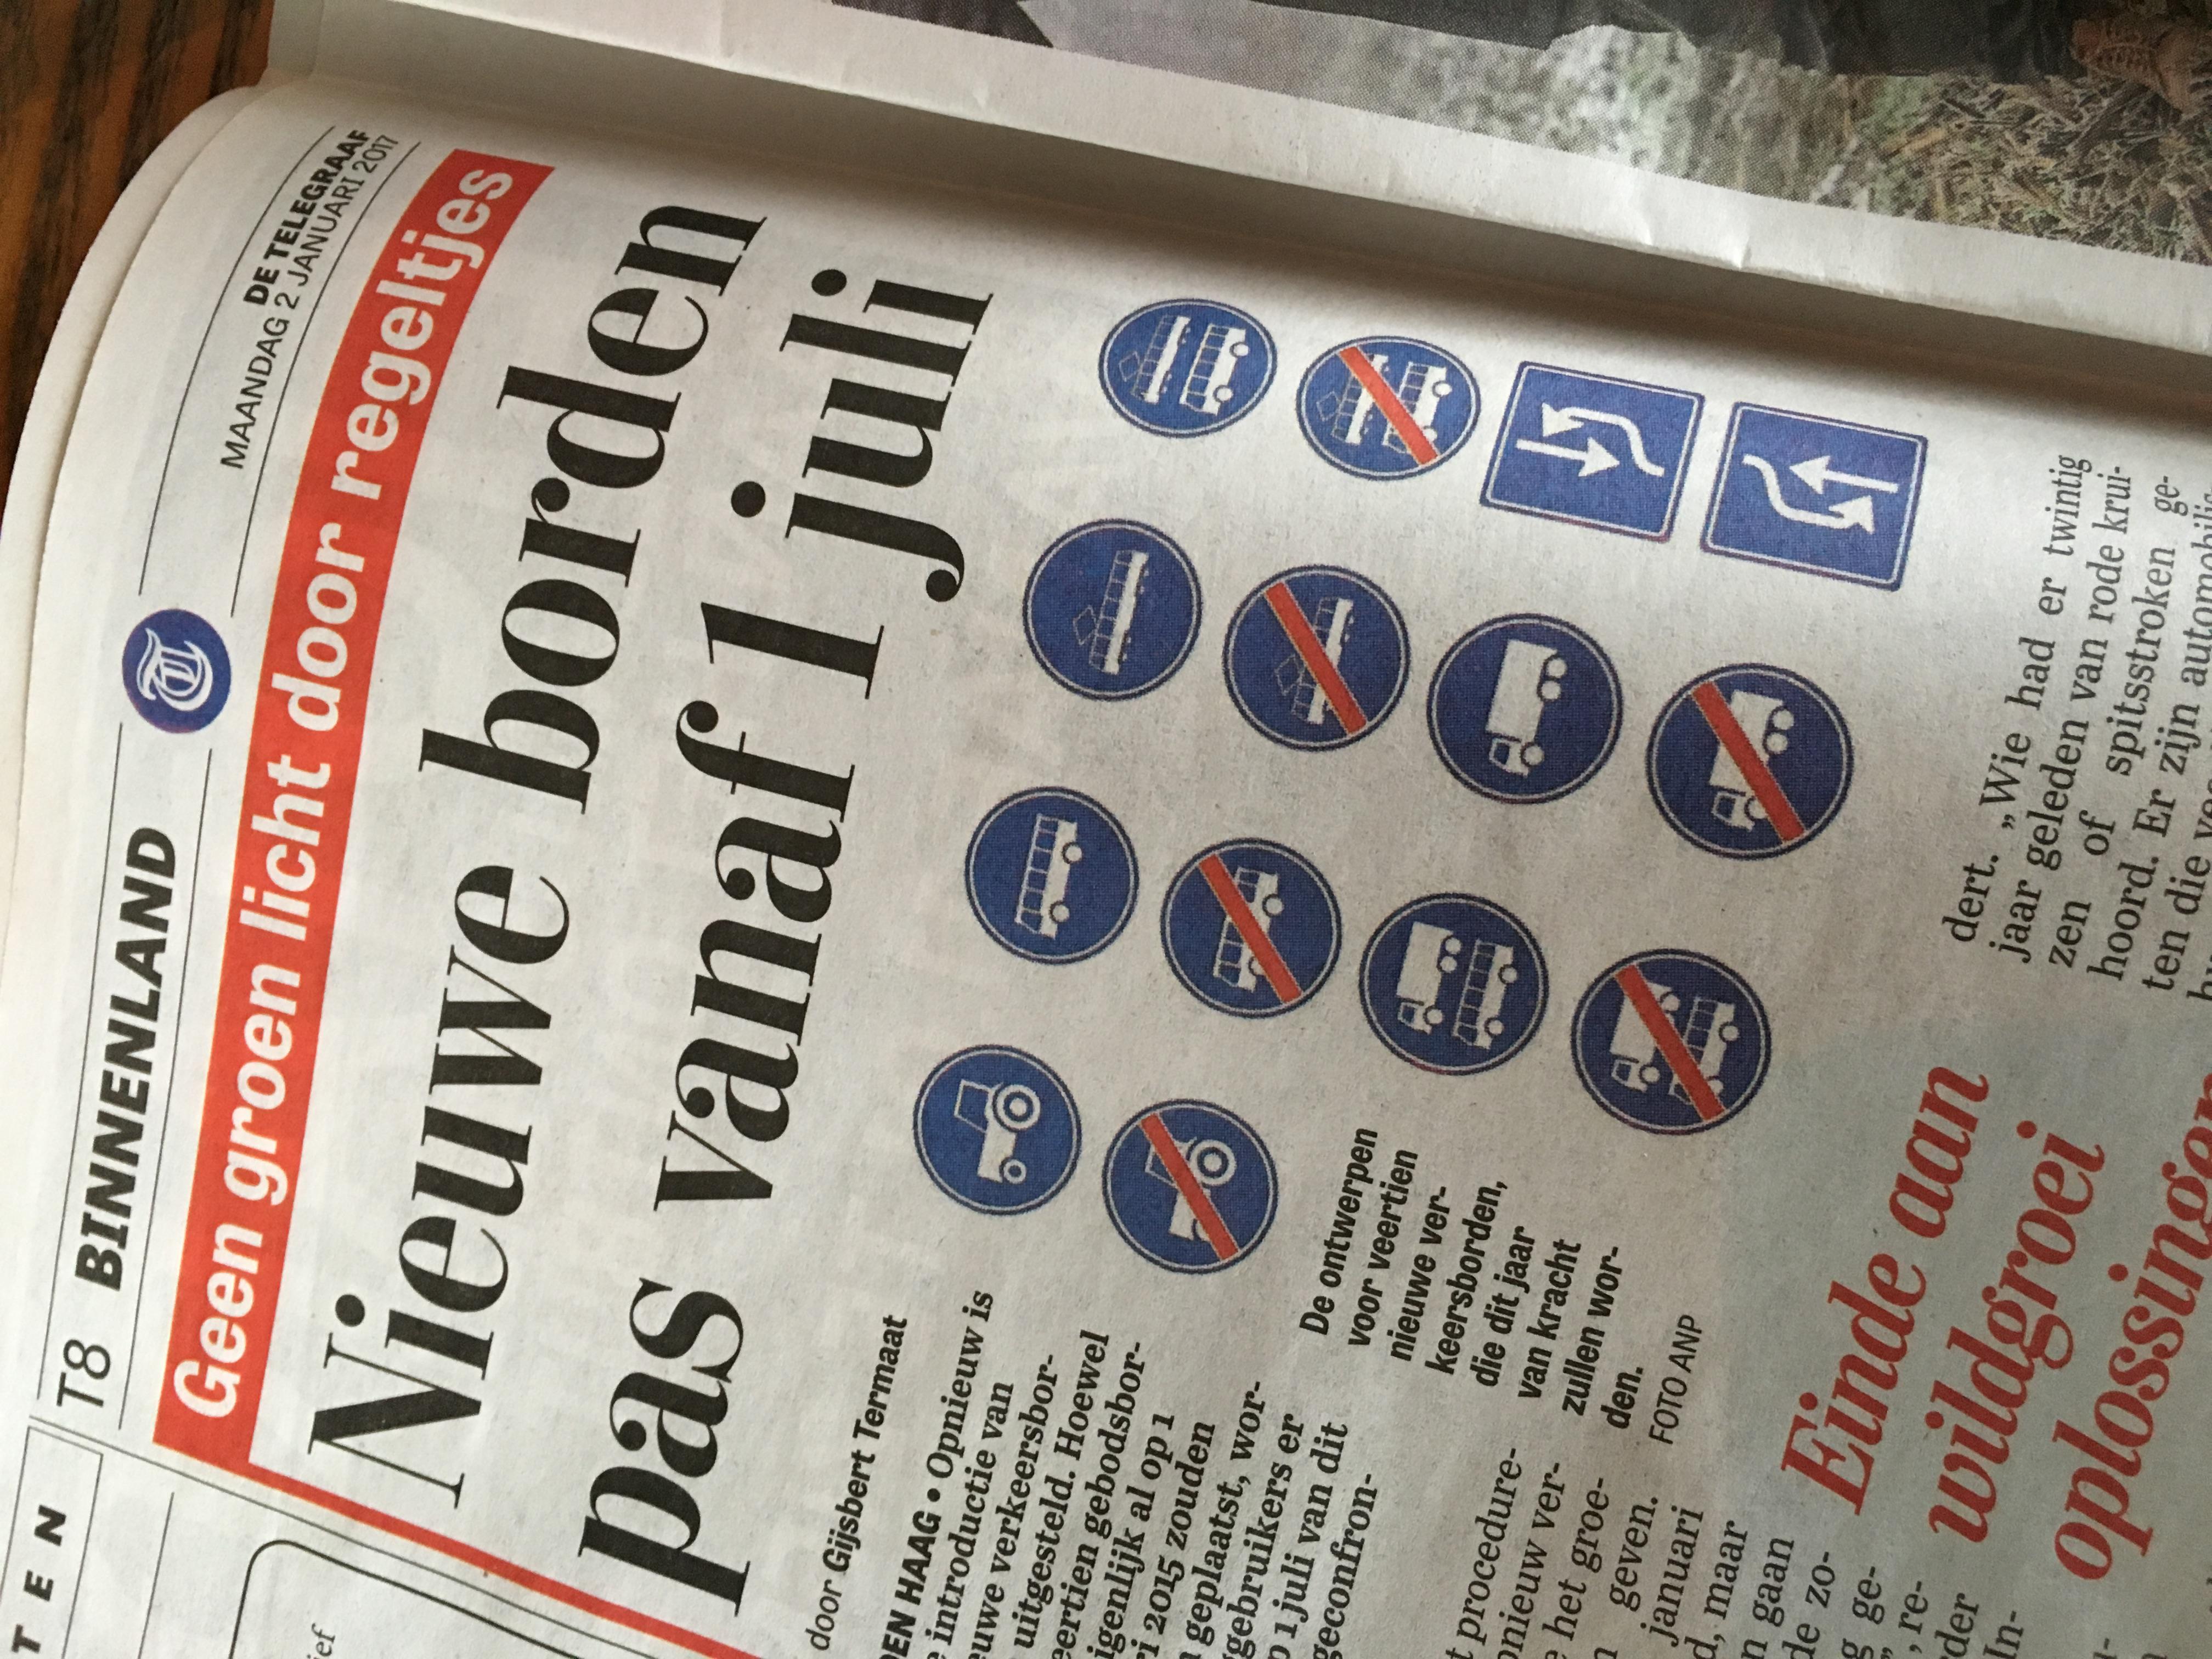 Ronnico Nieuws: introductie nieuwe borden uitgesteld